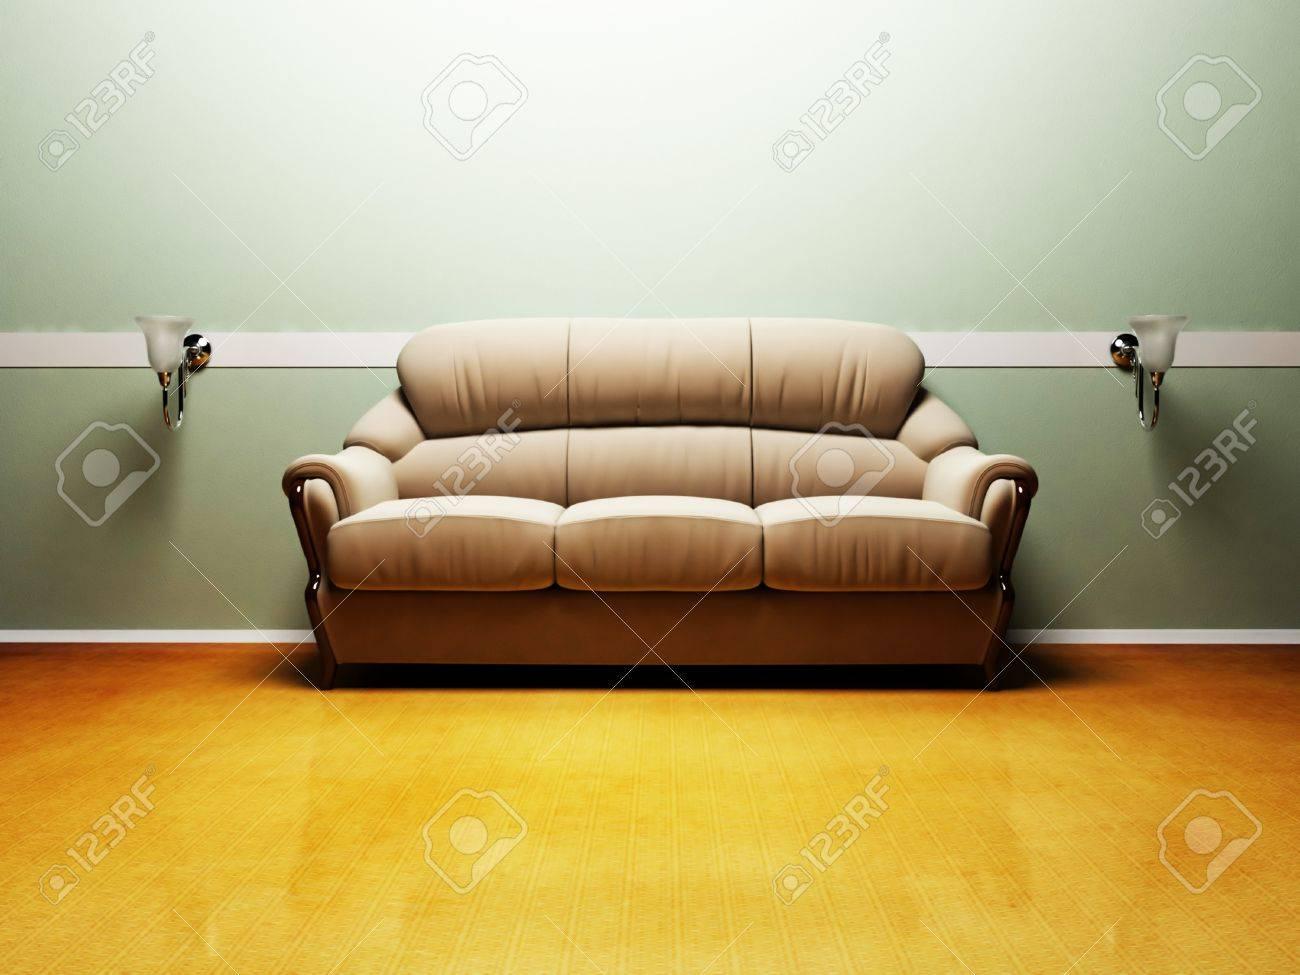 Moderne Innenarchitektur Aus Wohnzimmer Mit Einem Schönen Sofa Und Lampen  Standard Bild   12902638